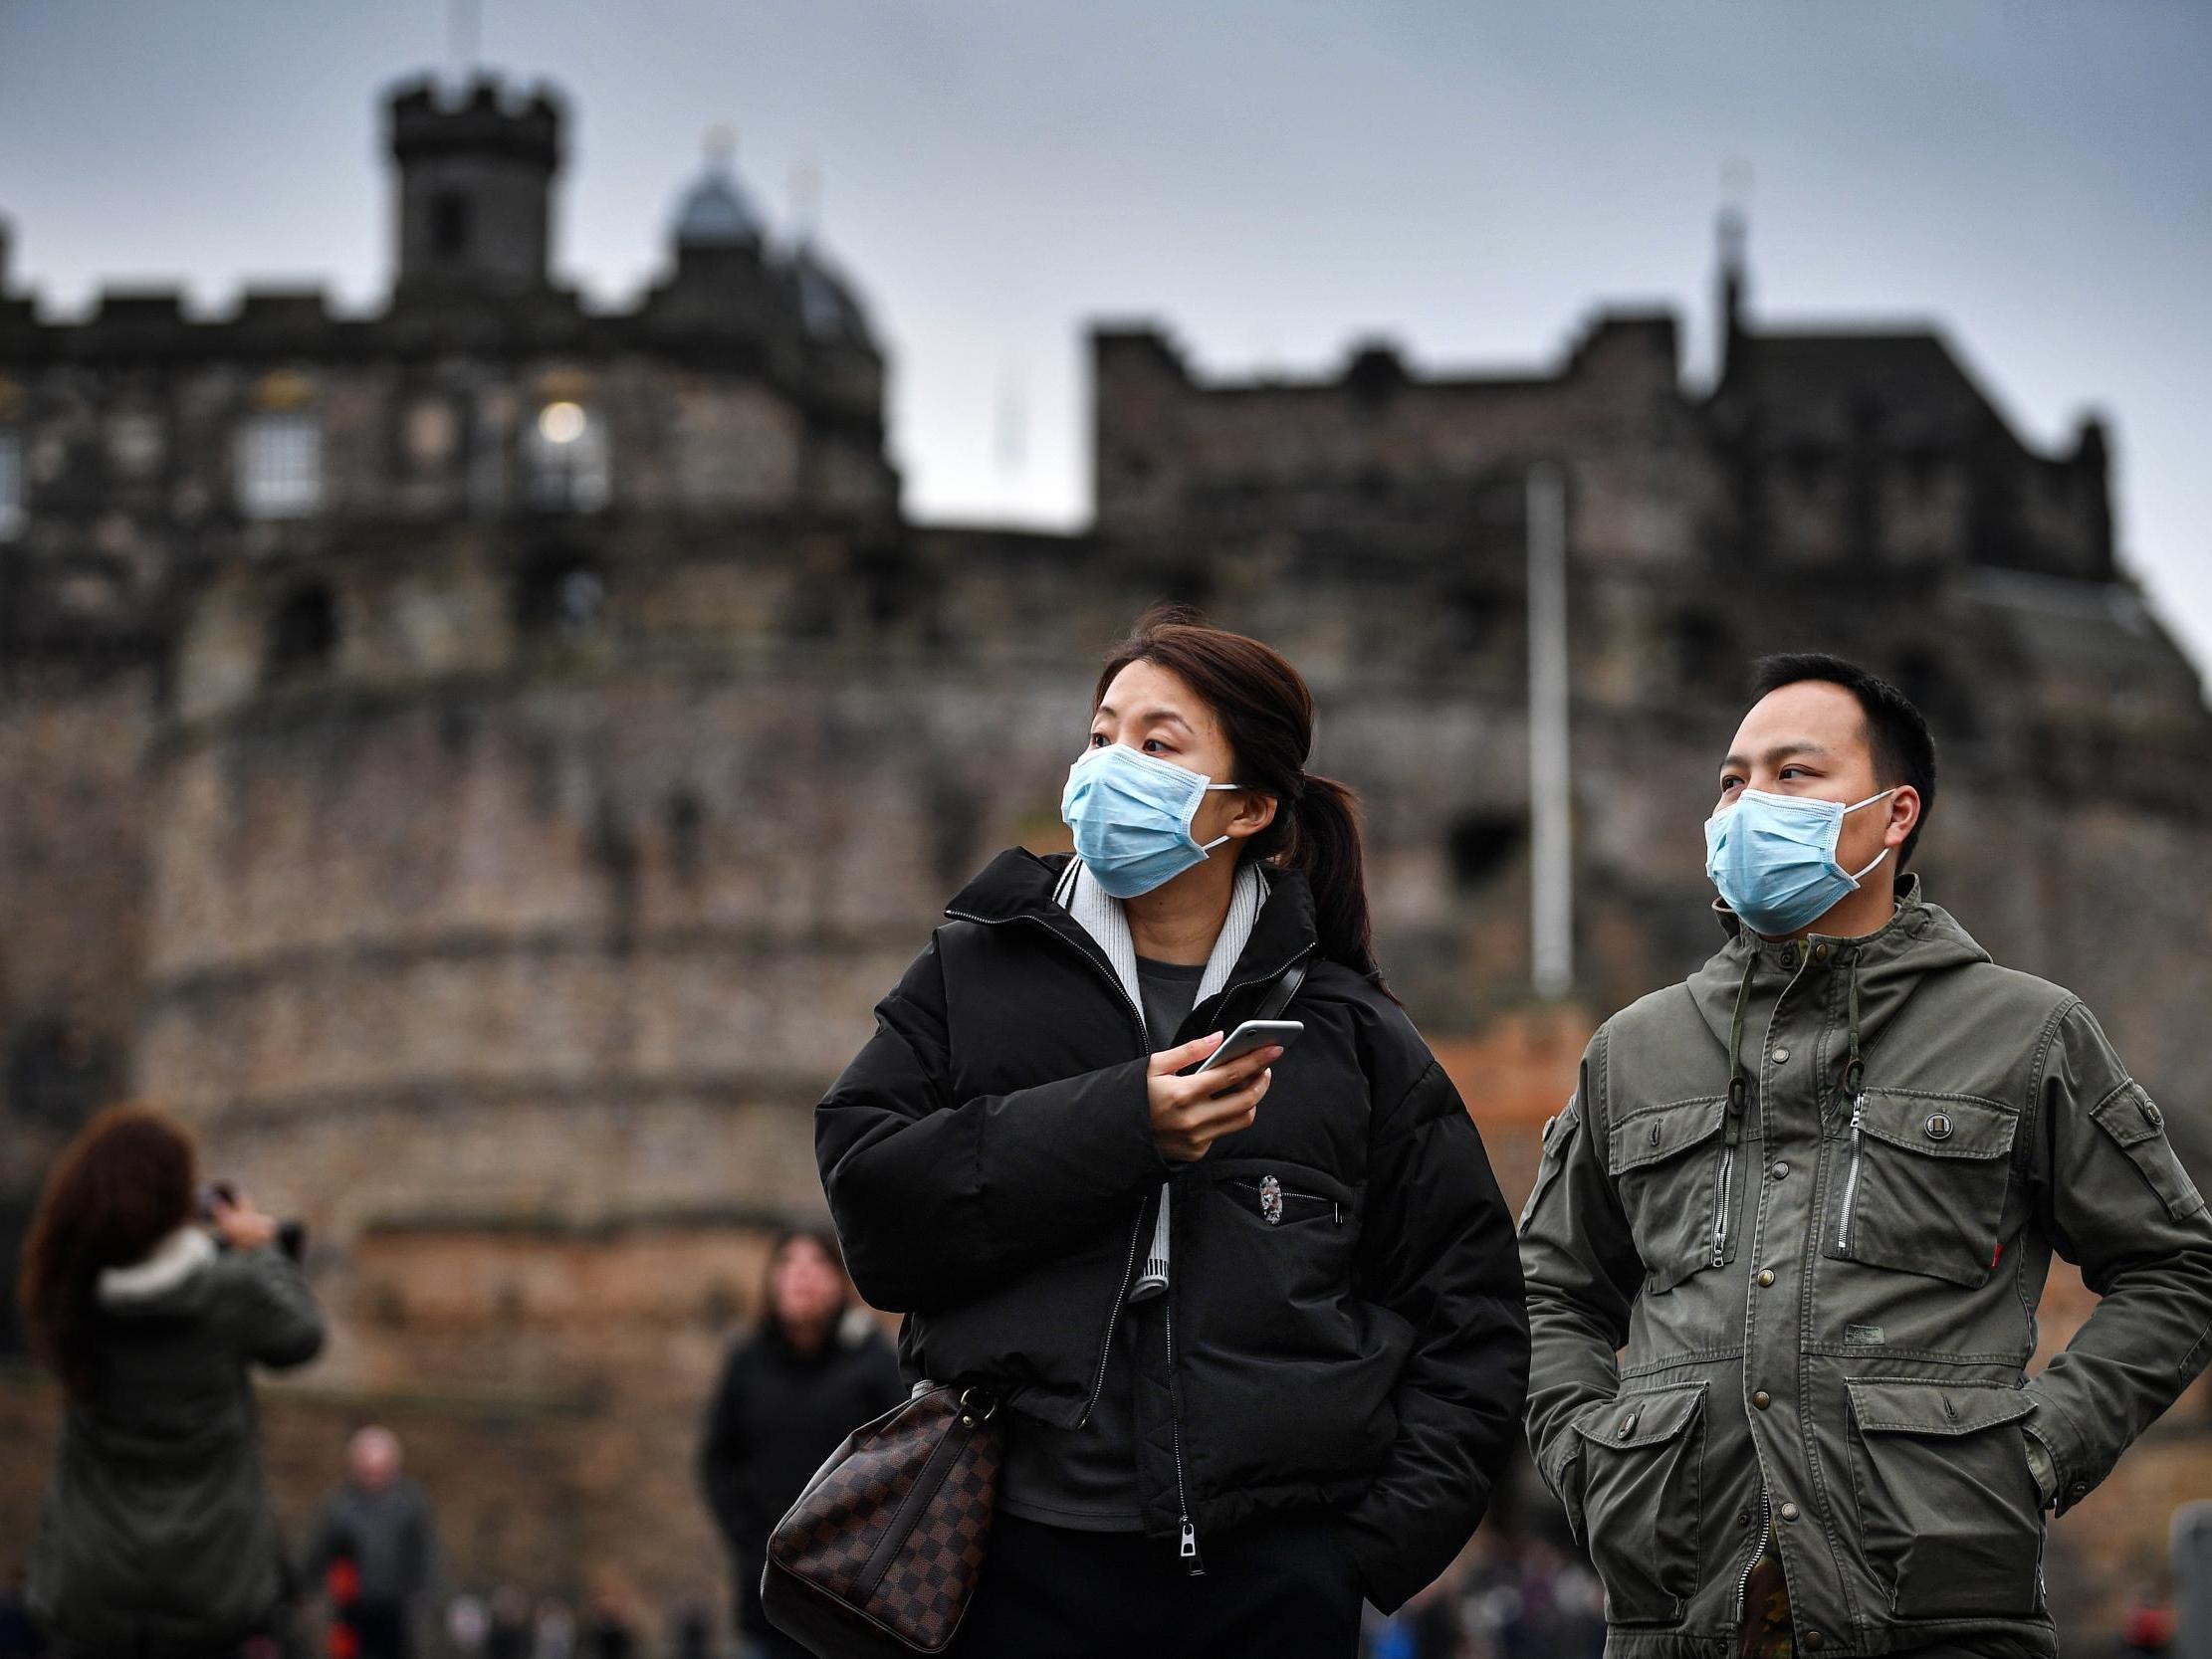 Снимаем маски: стоит ли опасаться коронавируса и какова реальная ситуация с аптеками?